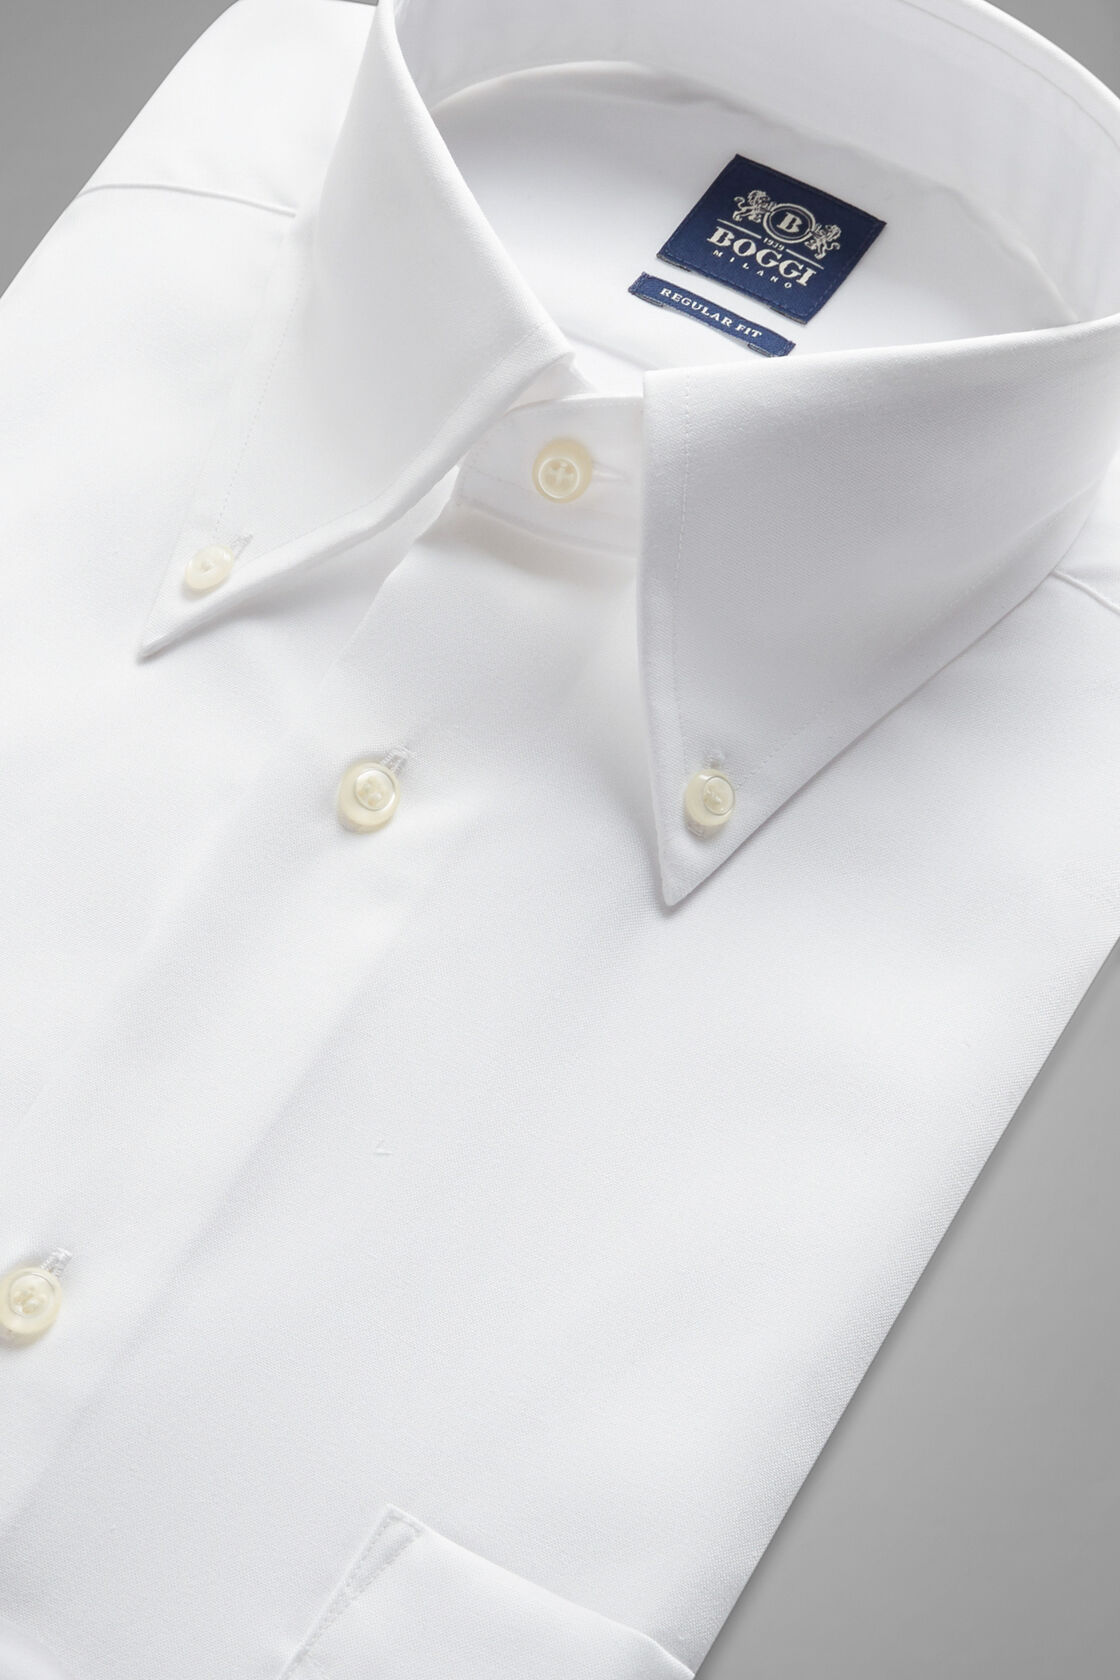 Weisses reguläres nadelspitzenhemd aus baumwolle, Weiß, hi-res